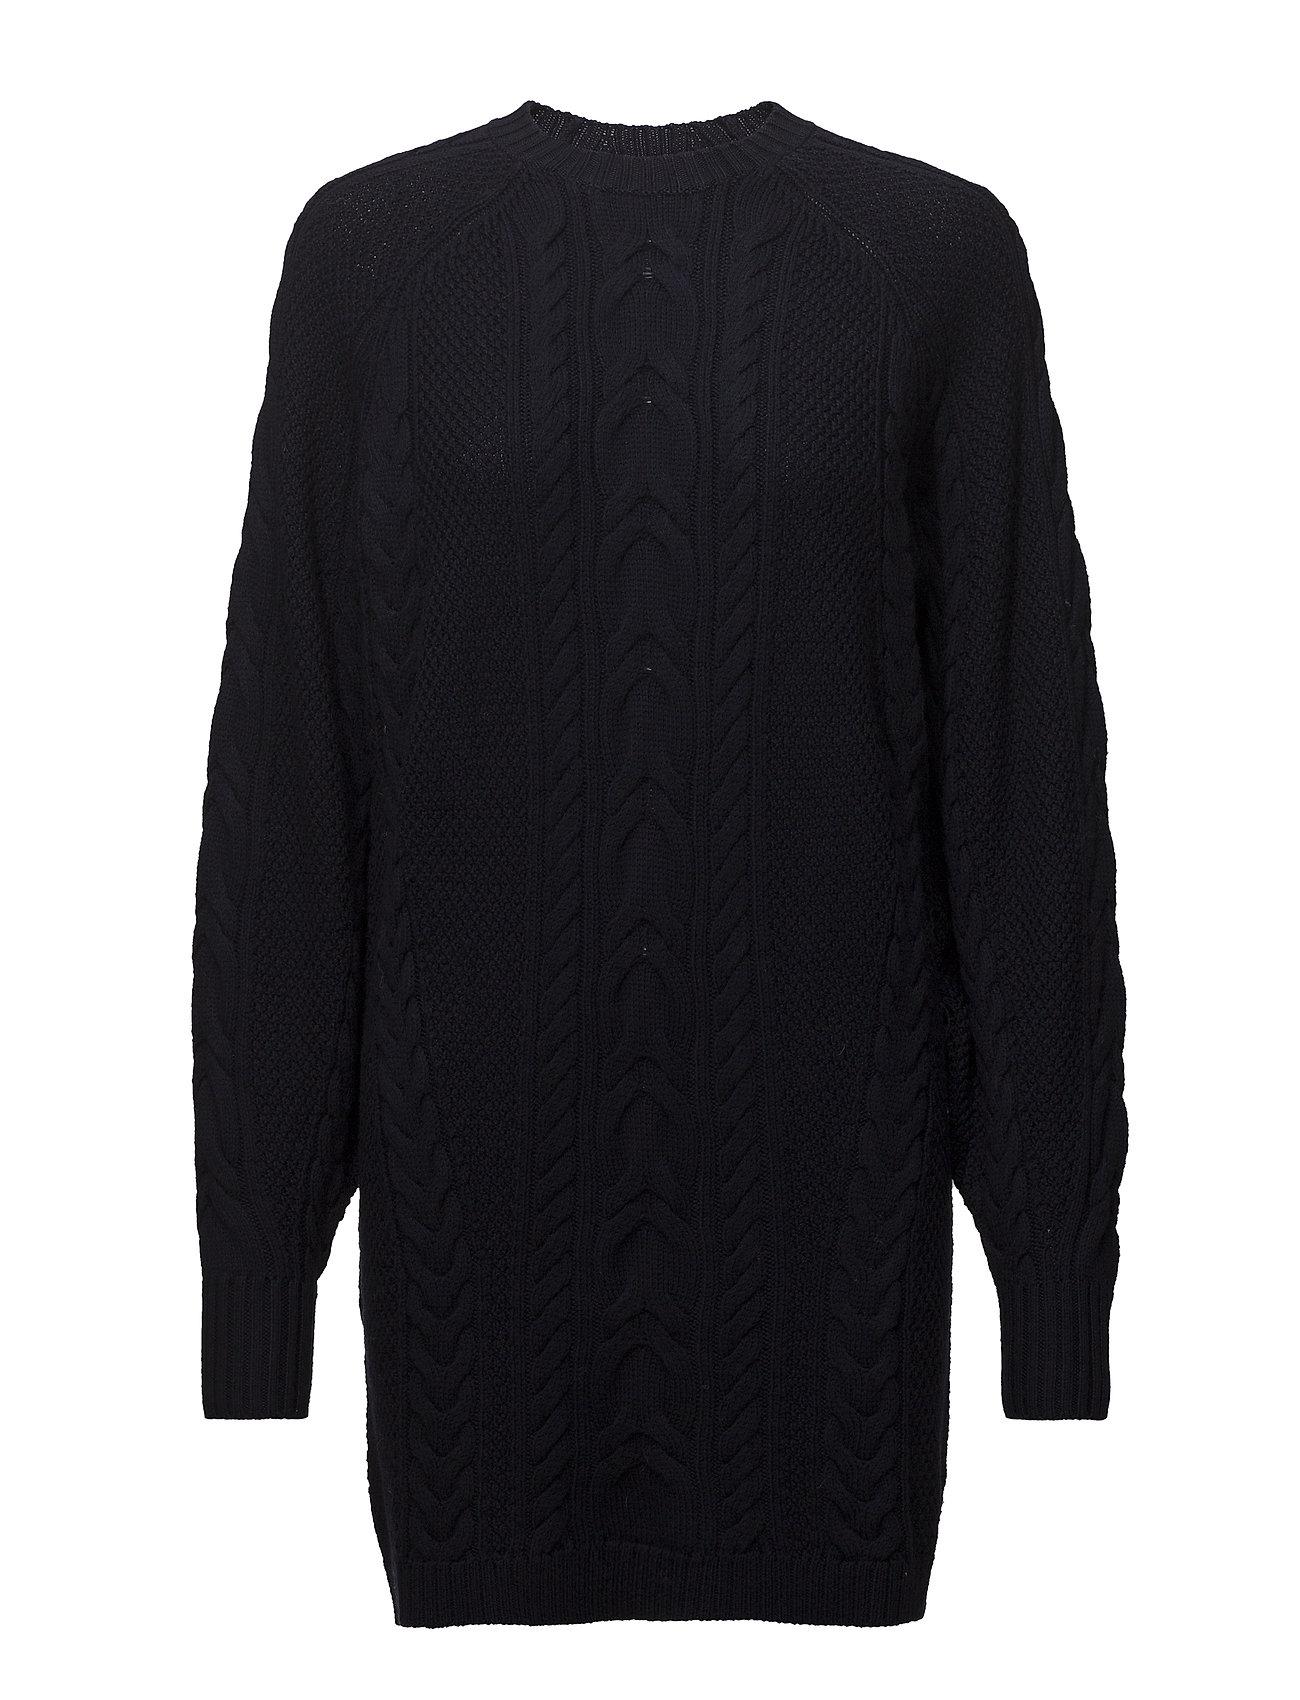 d72771b995 Aran-knit Wool Sweater Dress (Navy) (£136.95) - Polo Ralph Lauren ...